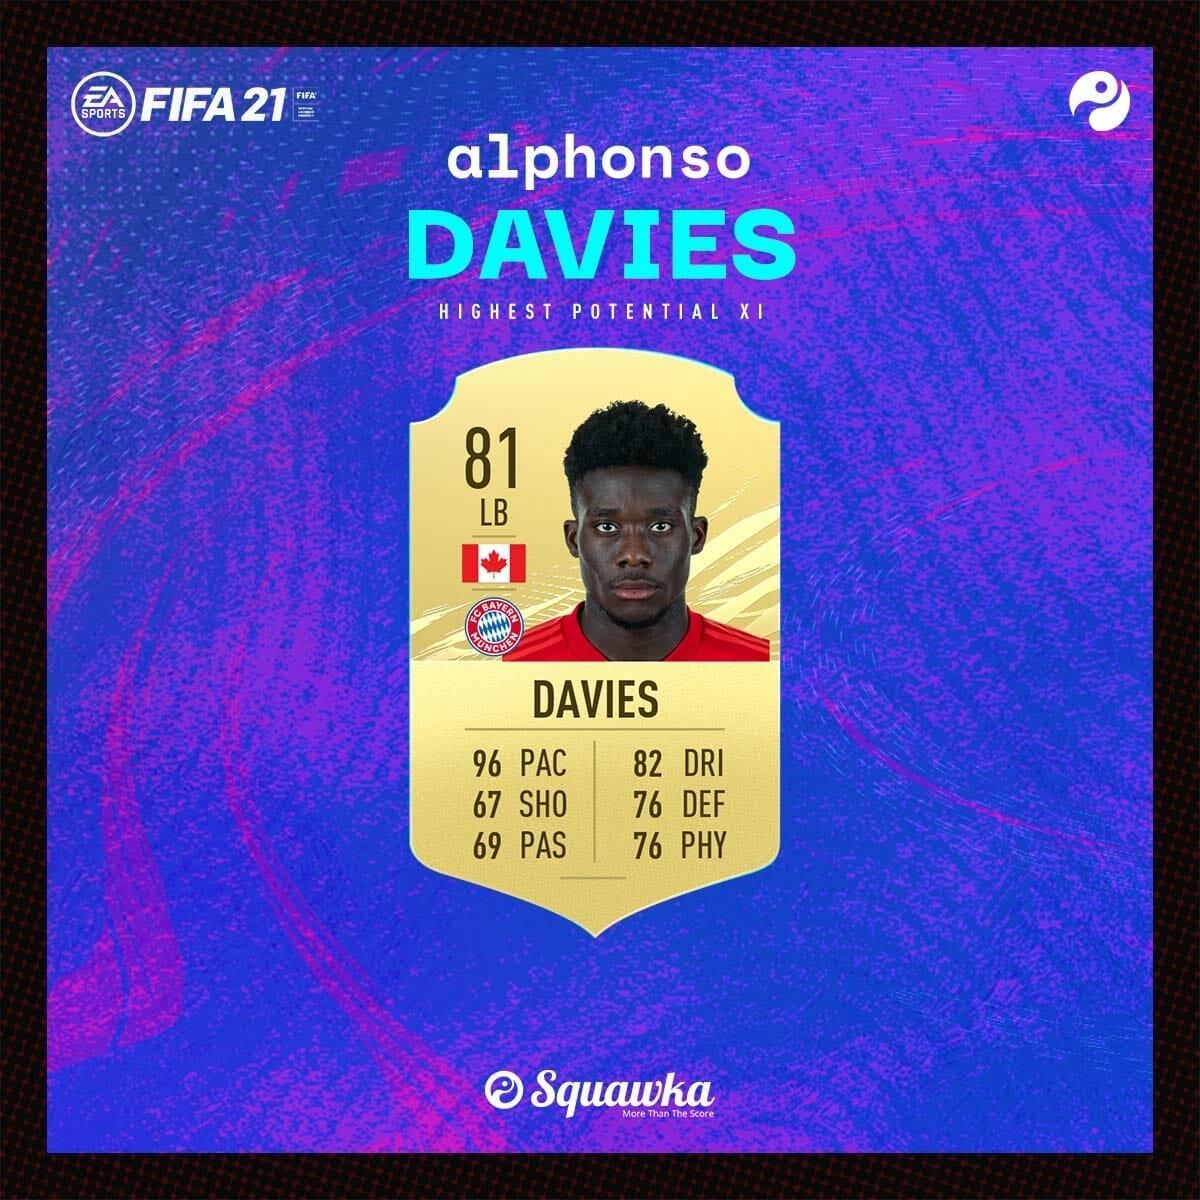 Hậu vệ trái: Alphonso Davies - Chỉ số ban đầu: 81 - Tiềm năng phát triển: 89